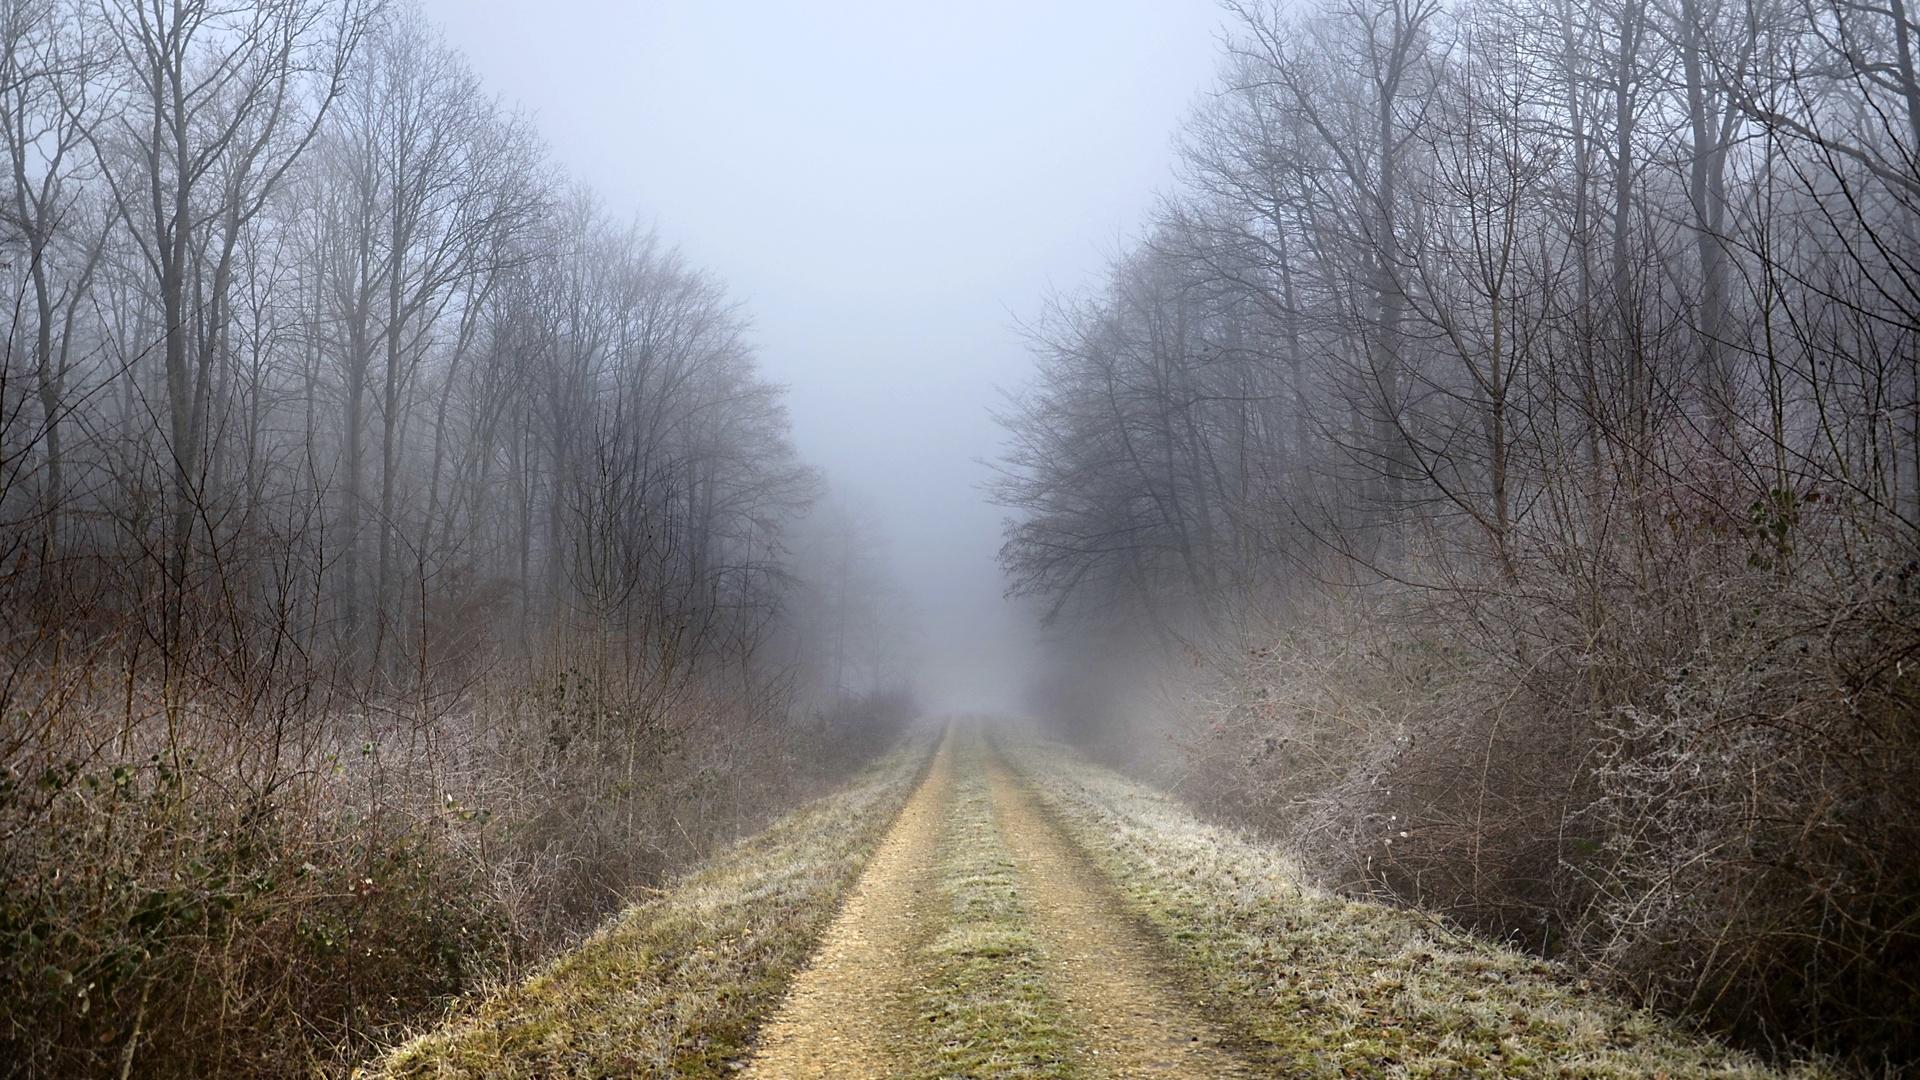 осень, дорога, туман